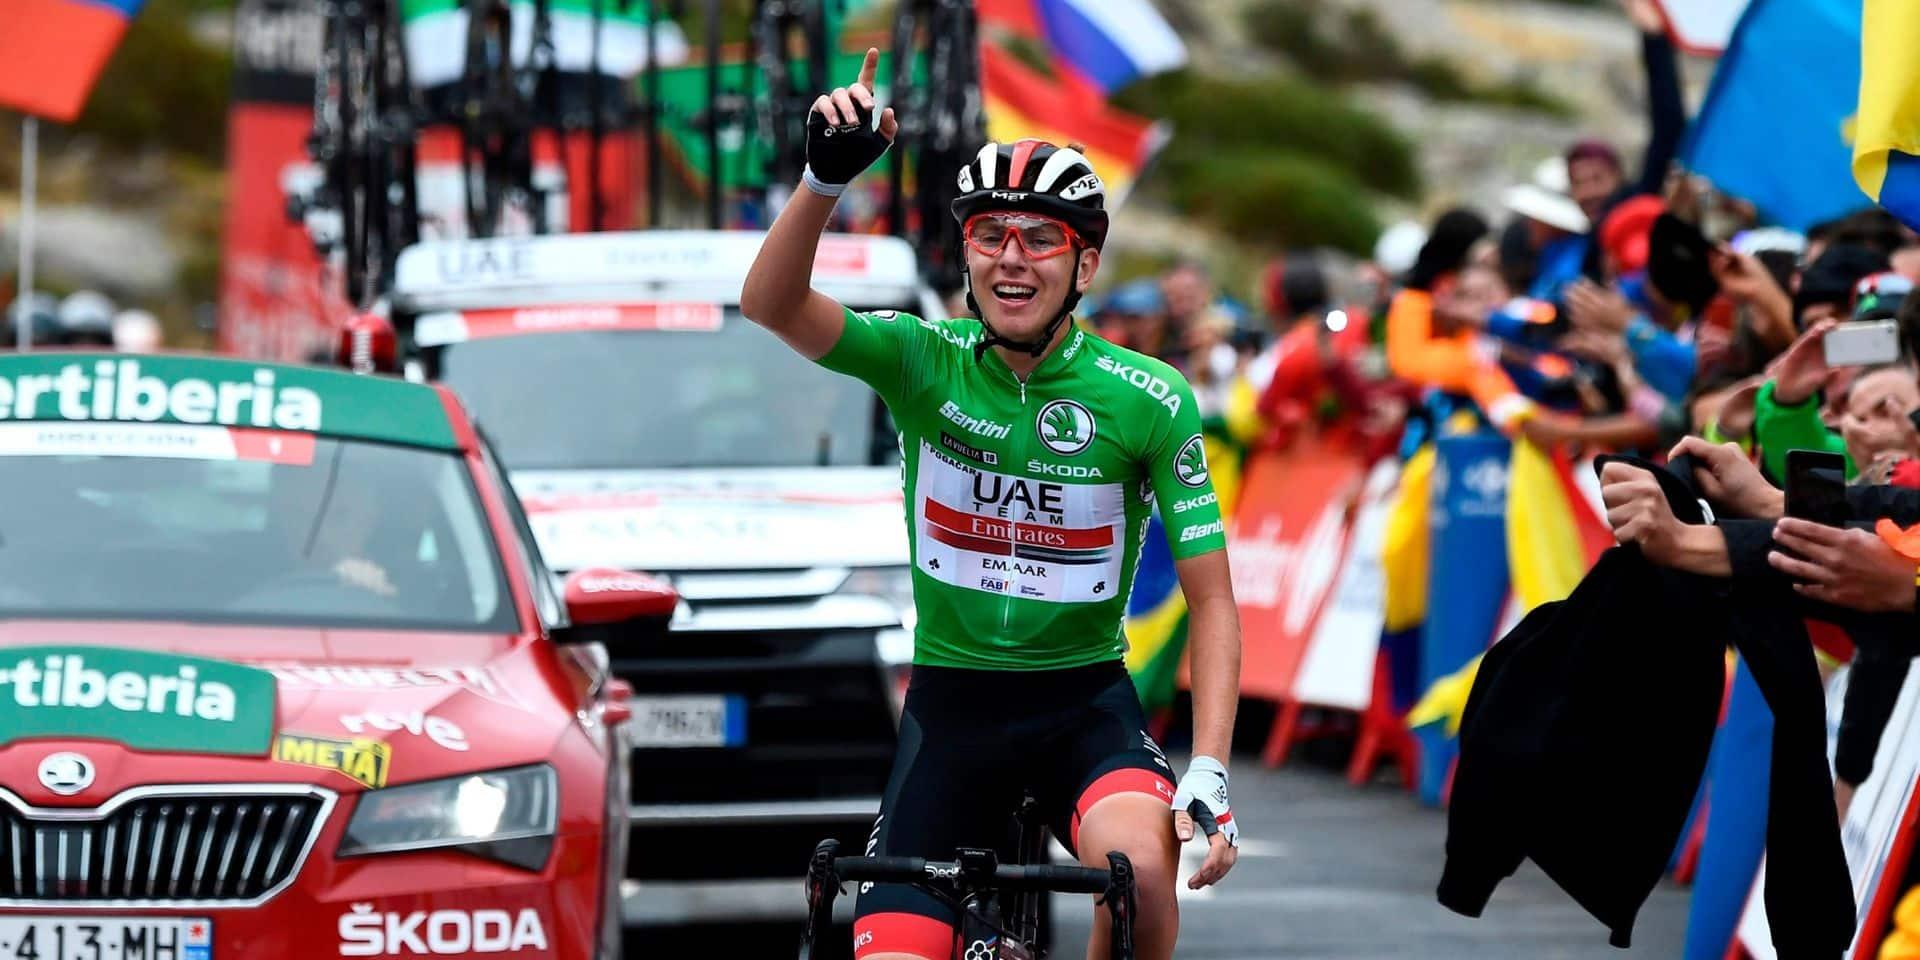 Tour d'Espagne: sacre assuré pour Roglic, étape et podium pour Pogacar